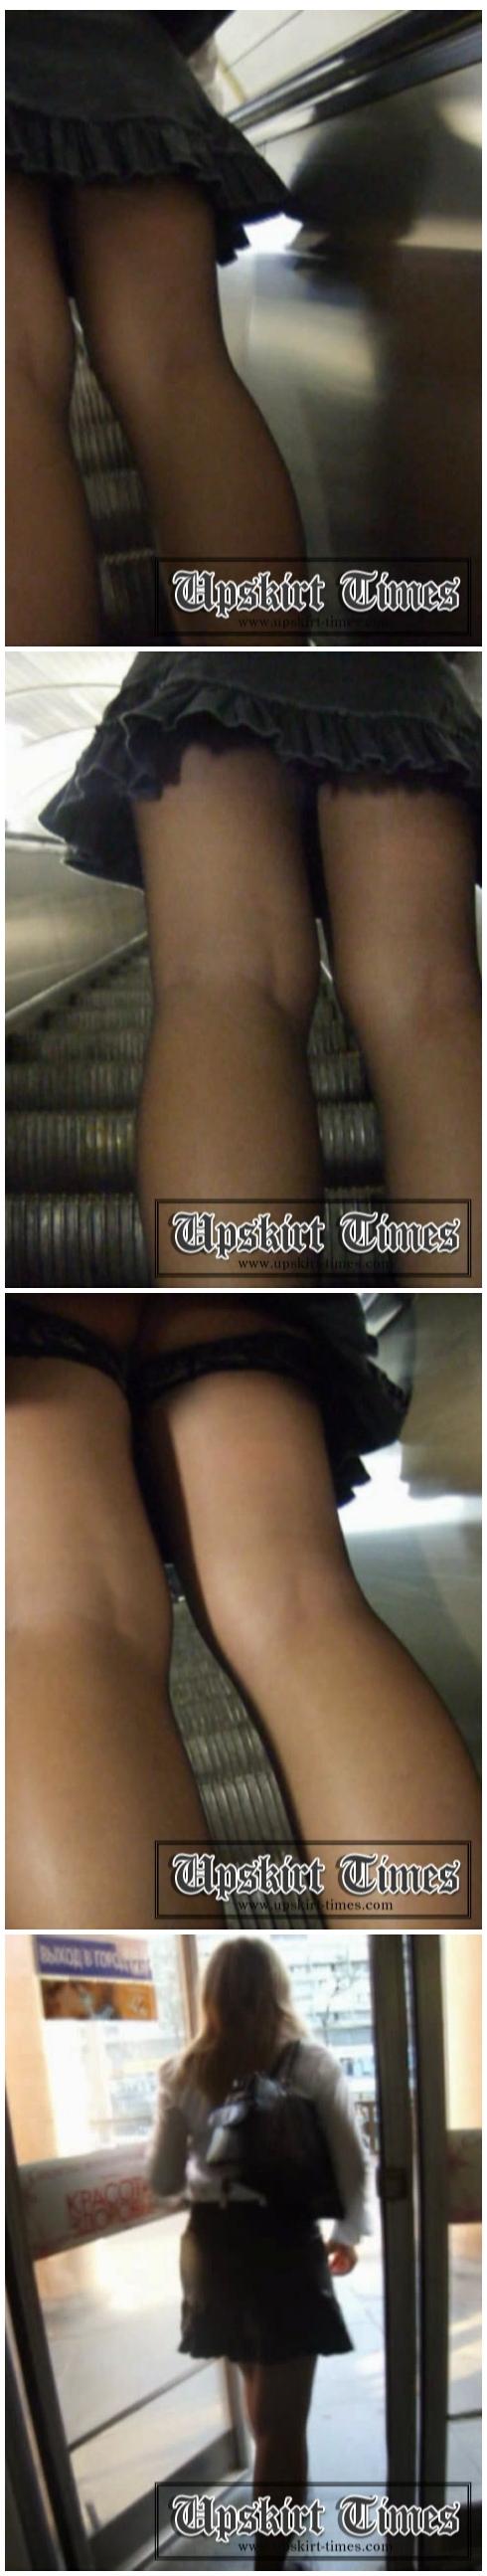 Upskirt-Times0264_cover.jpg